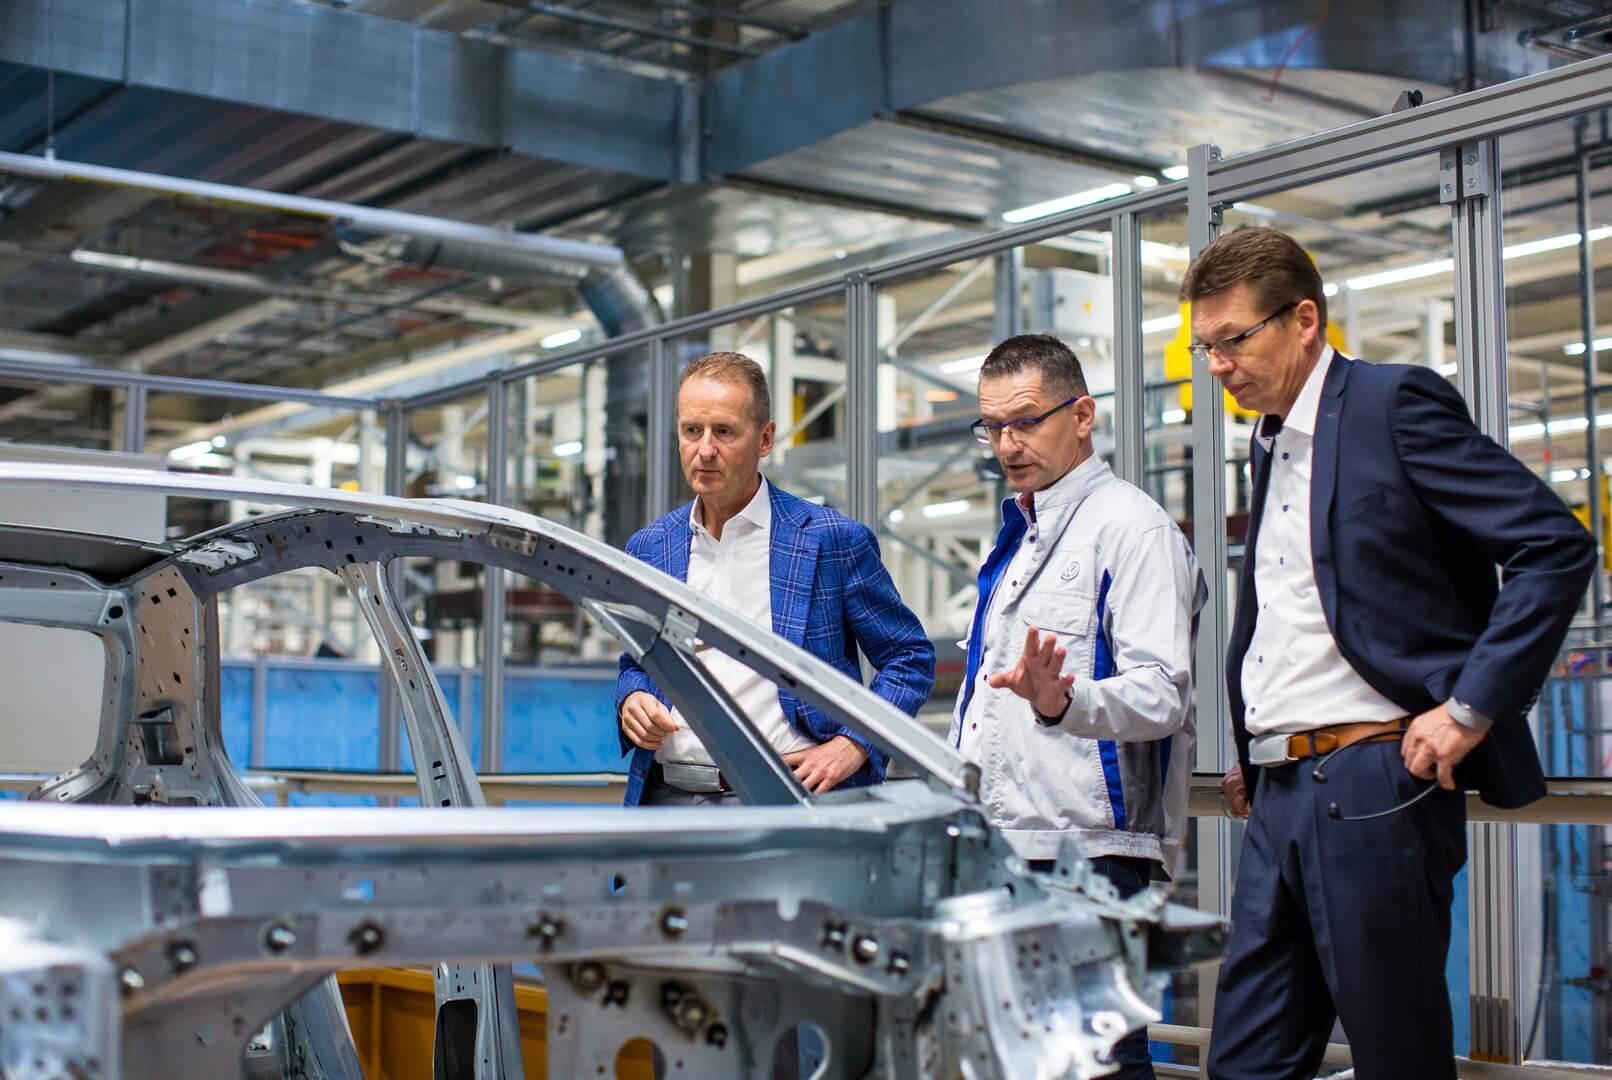 Завод в Цвиккау перенастроен для производства Volkswagen ID.3